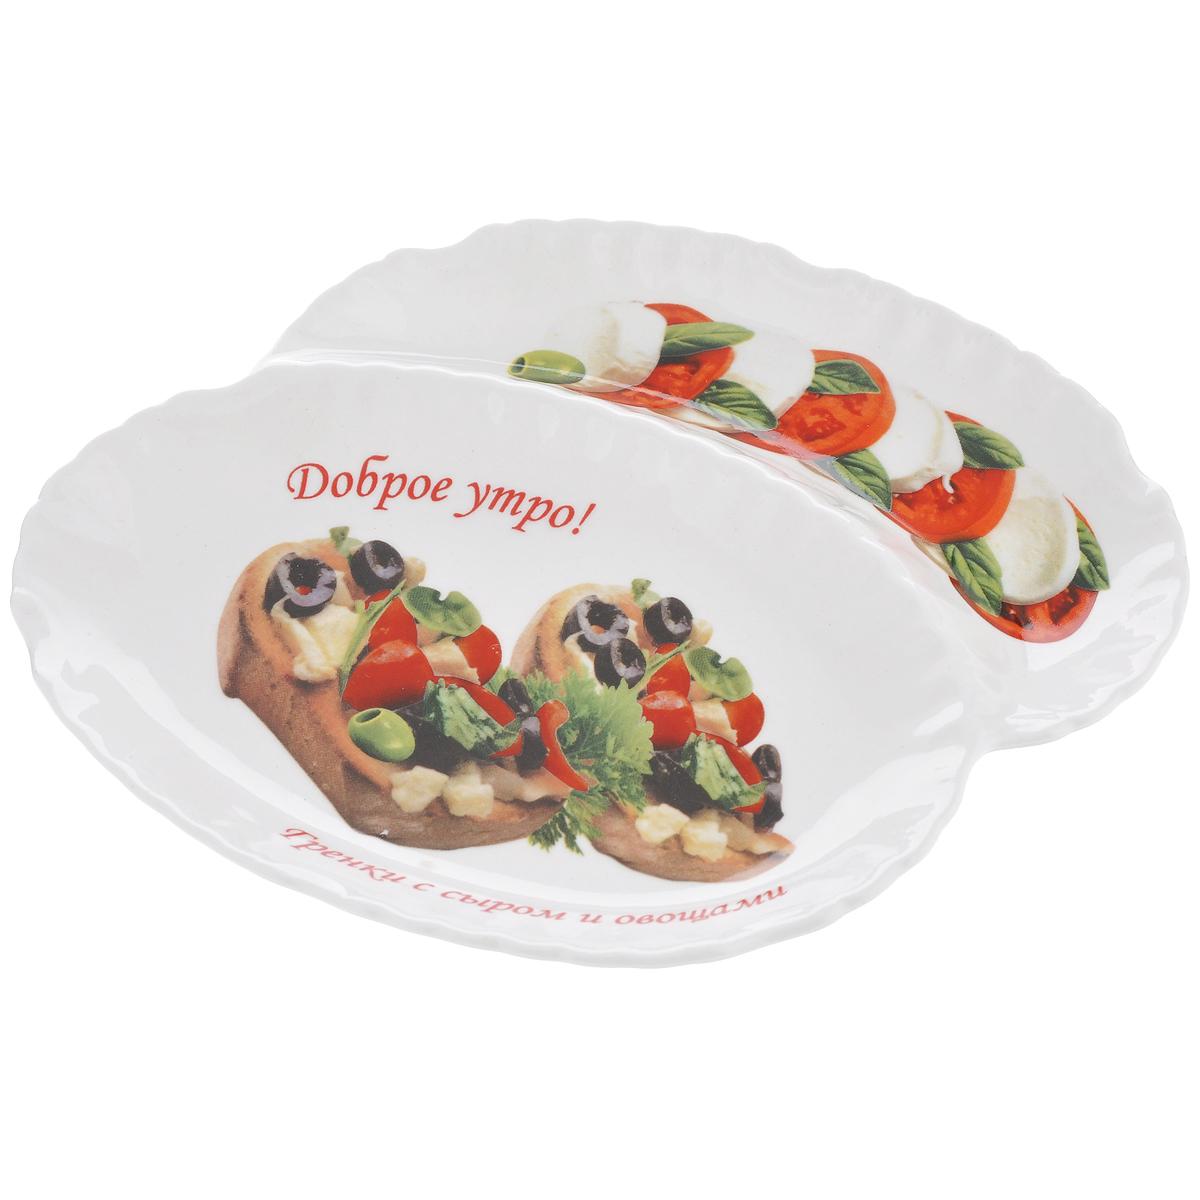 Менажница LarangE Гренки с сыром и овощами, 2 секции589-301Изящная менажница LarangE Гренки с сыром и овощами, выполненная из высококачественного прочного фарфора, состоит из двух секций. Некоторые блюда можно подавать только в менажнице, чтобы не произошло смешение вкусовых оттенков гарниров. Также менажница может быть использована в качестве посуды для нескольких видов салатов или закусок. Менажница LarangE Гренки с сыром и овощами станет замечательной деталью сервировки и великолепным украшением праздничного стола.Можно использовать в СВЧ печах, духовом шкафу и холодильнике. Не применять абразивные чистящие вещества.Количество секций: 2.Размер секций менажницы: 16,5 см х 11 см; 16,5 см х 4,5 см.Высота стенки менажницы: 2,5 см.